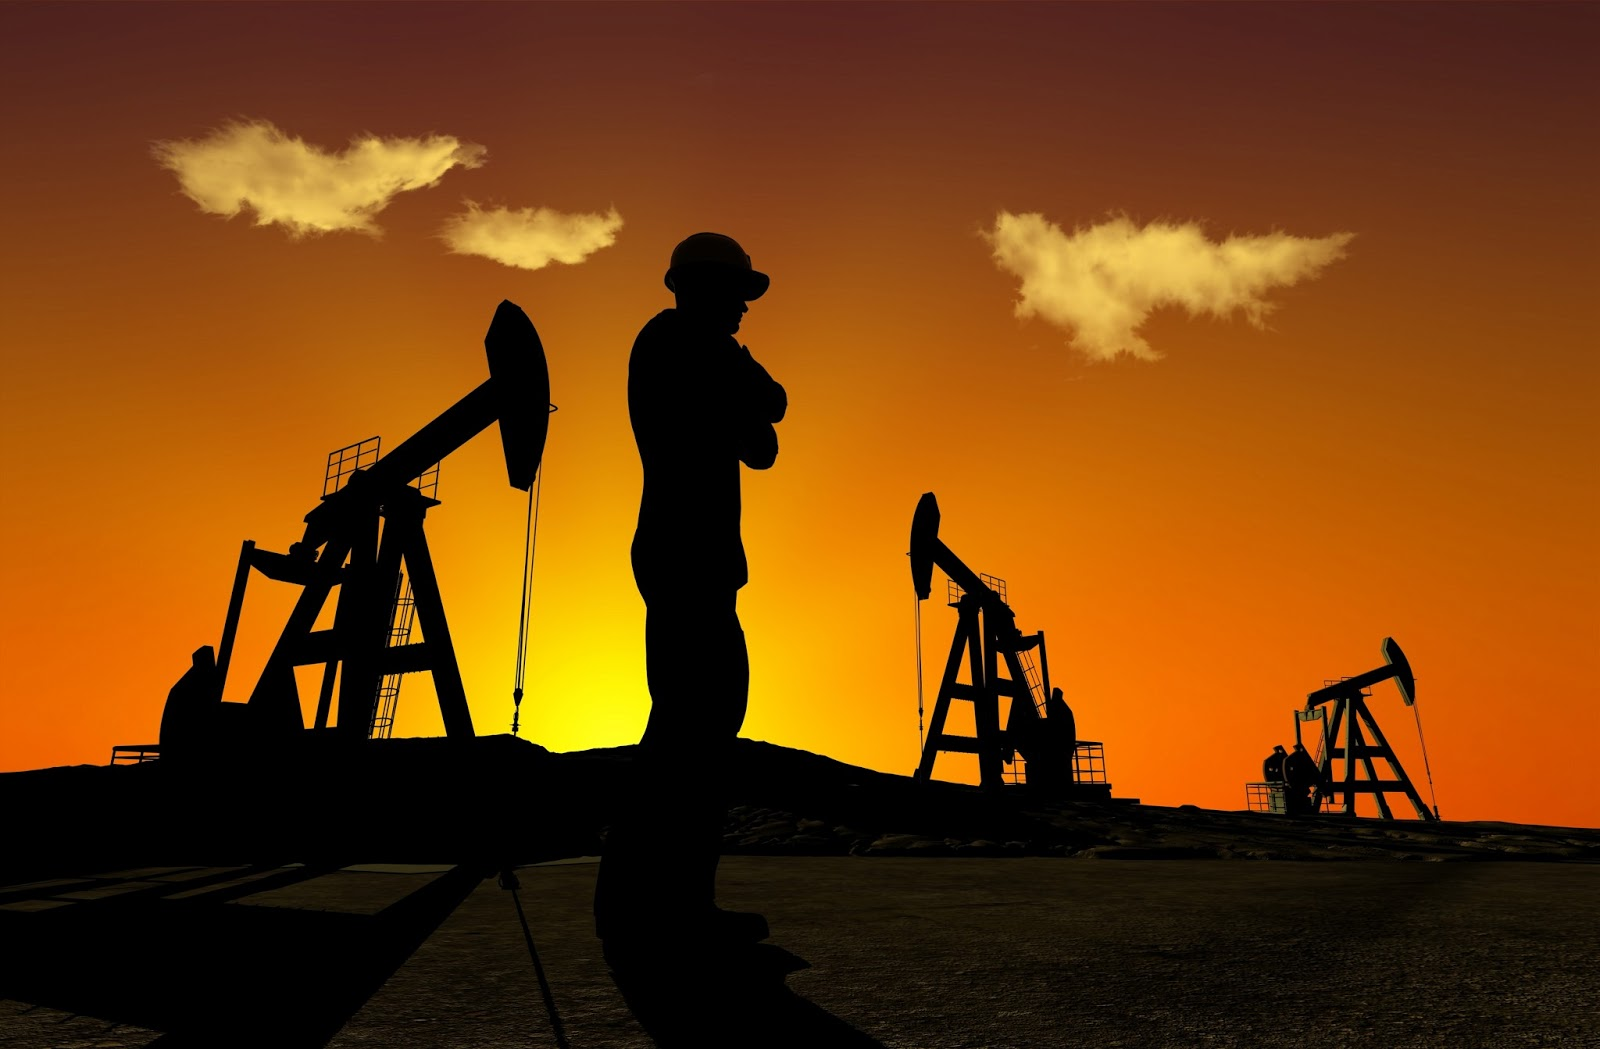 اعمارة: مؤشرات التنقيب عن النفط والغاز في مناطق المغرب